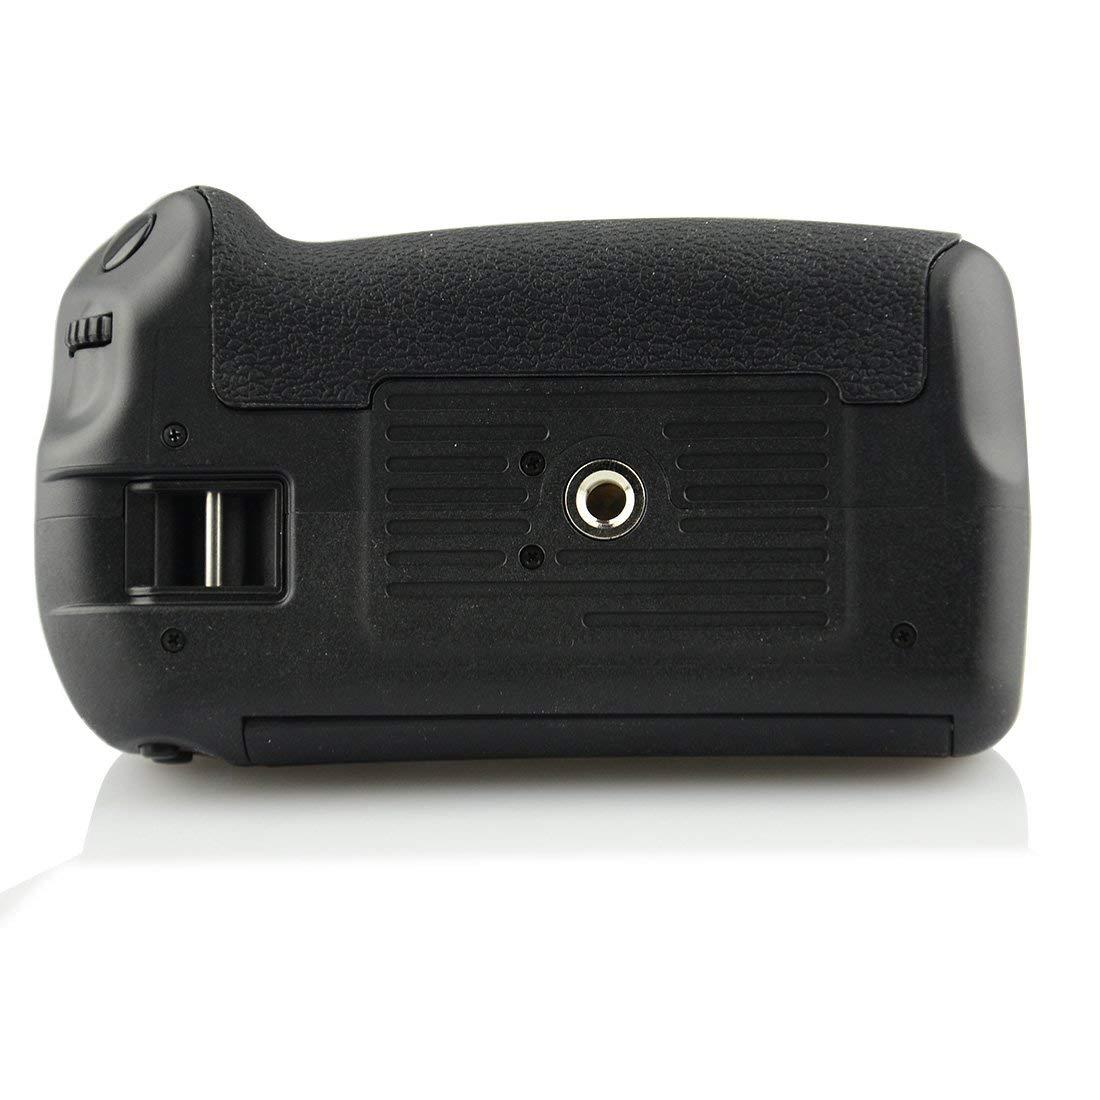 DSTE BG-E18 Apret/ón Bater/ía USB Cargador para Canon EOS M3 750D 760D Rebel T6i T6s 8000D Kiss X8i 2x LP-E17 Bater/ía